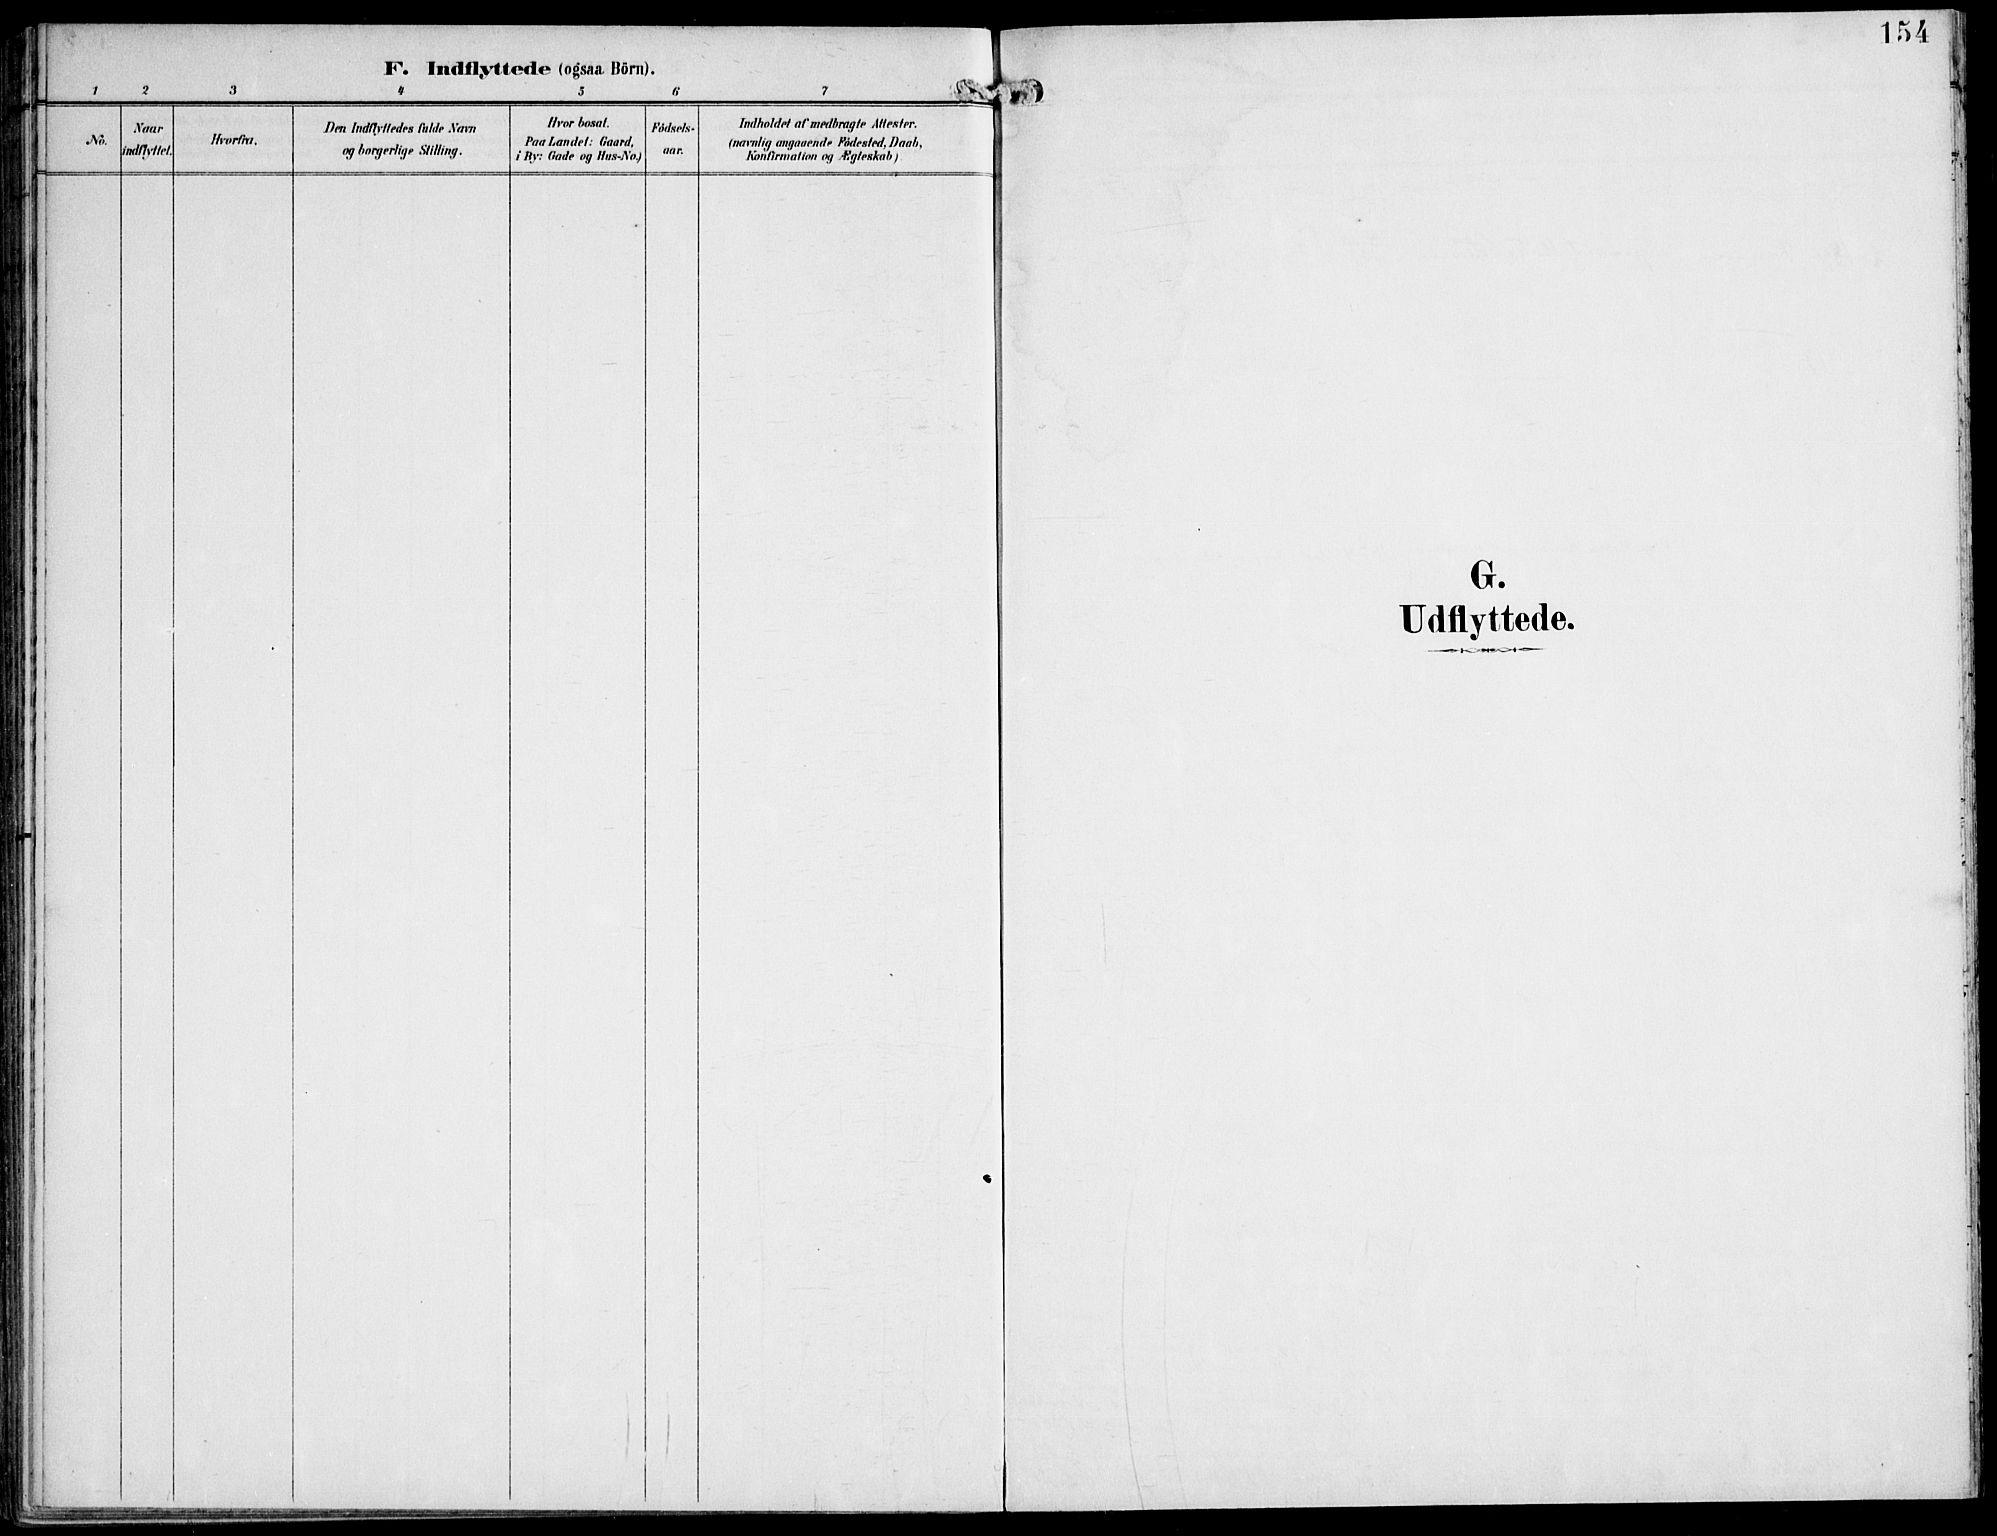 SAT, Ministerialprotokoller, klokkerbøker og fødselsregistre - Nord-Trøndelag, 745/L0430: Ministerialbok nr. 745A02, 1895-1913, s. 154